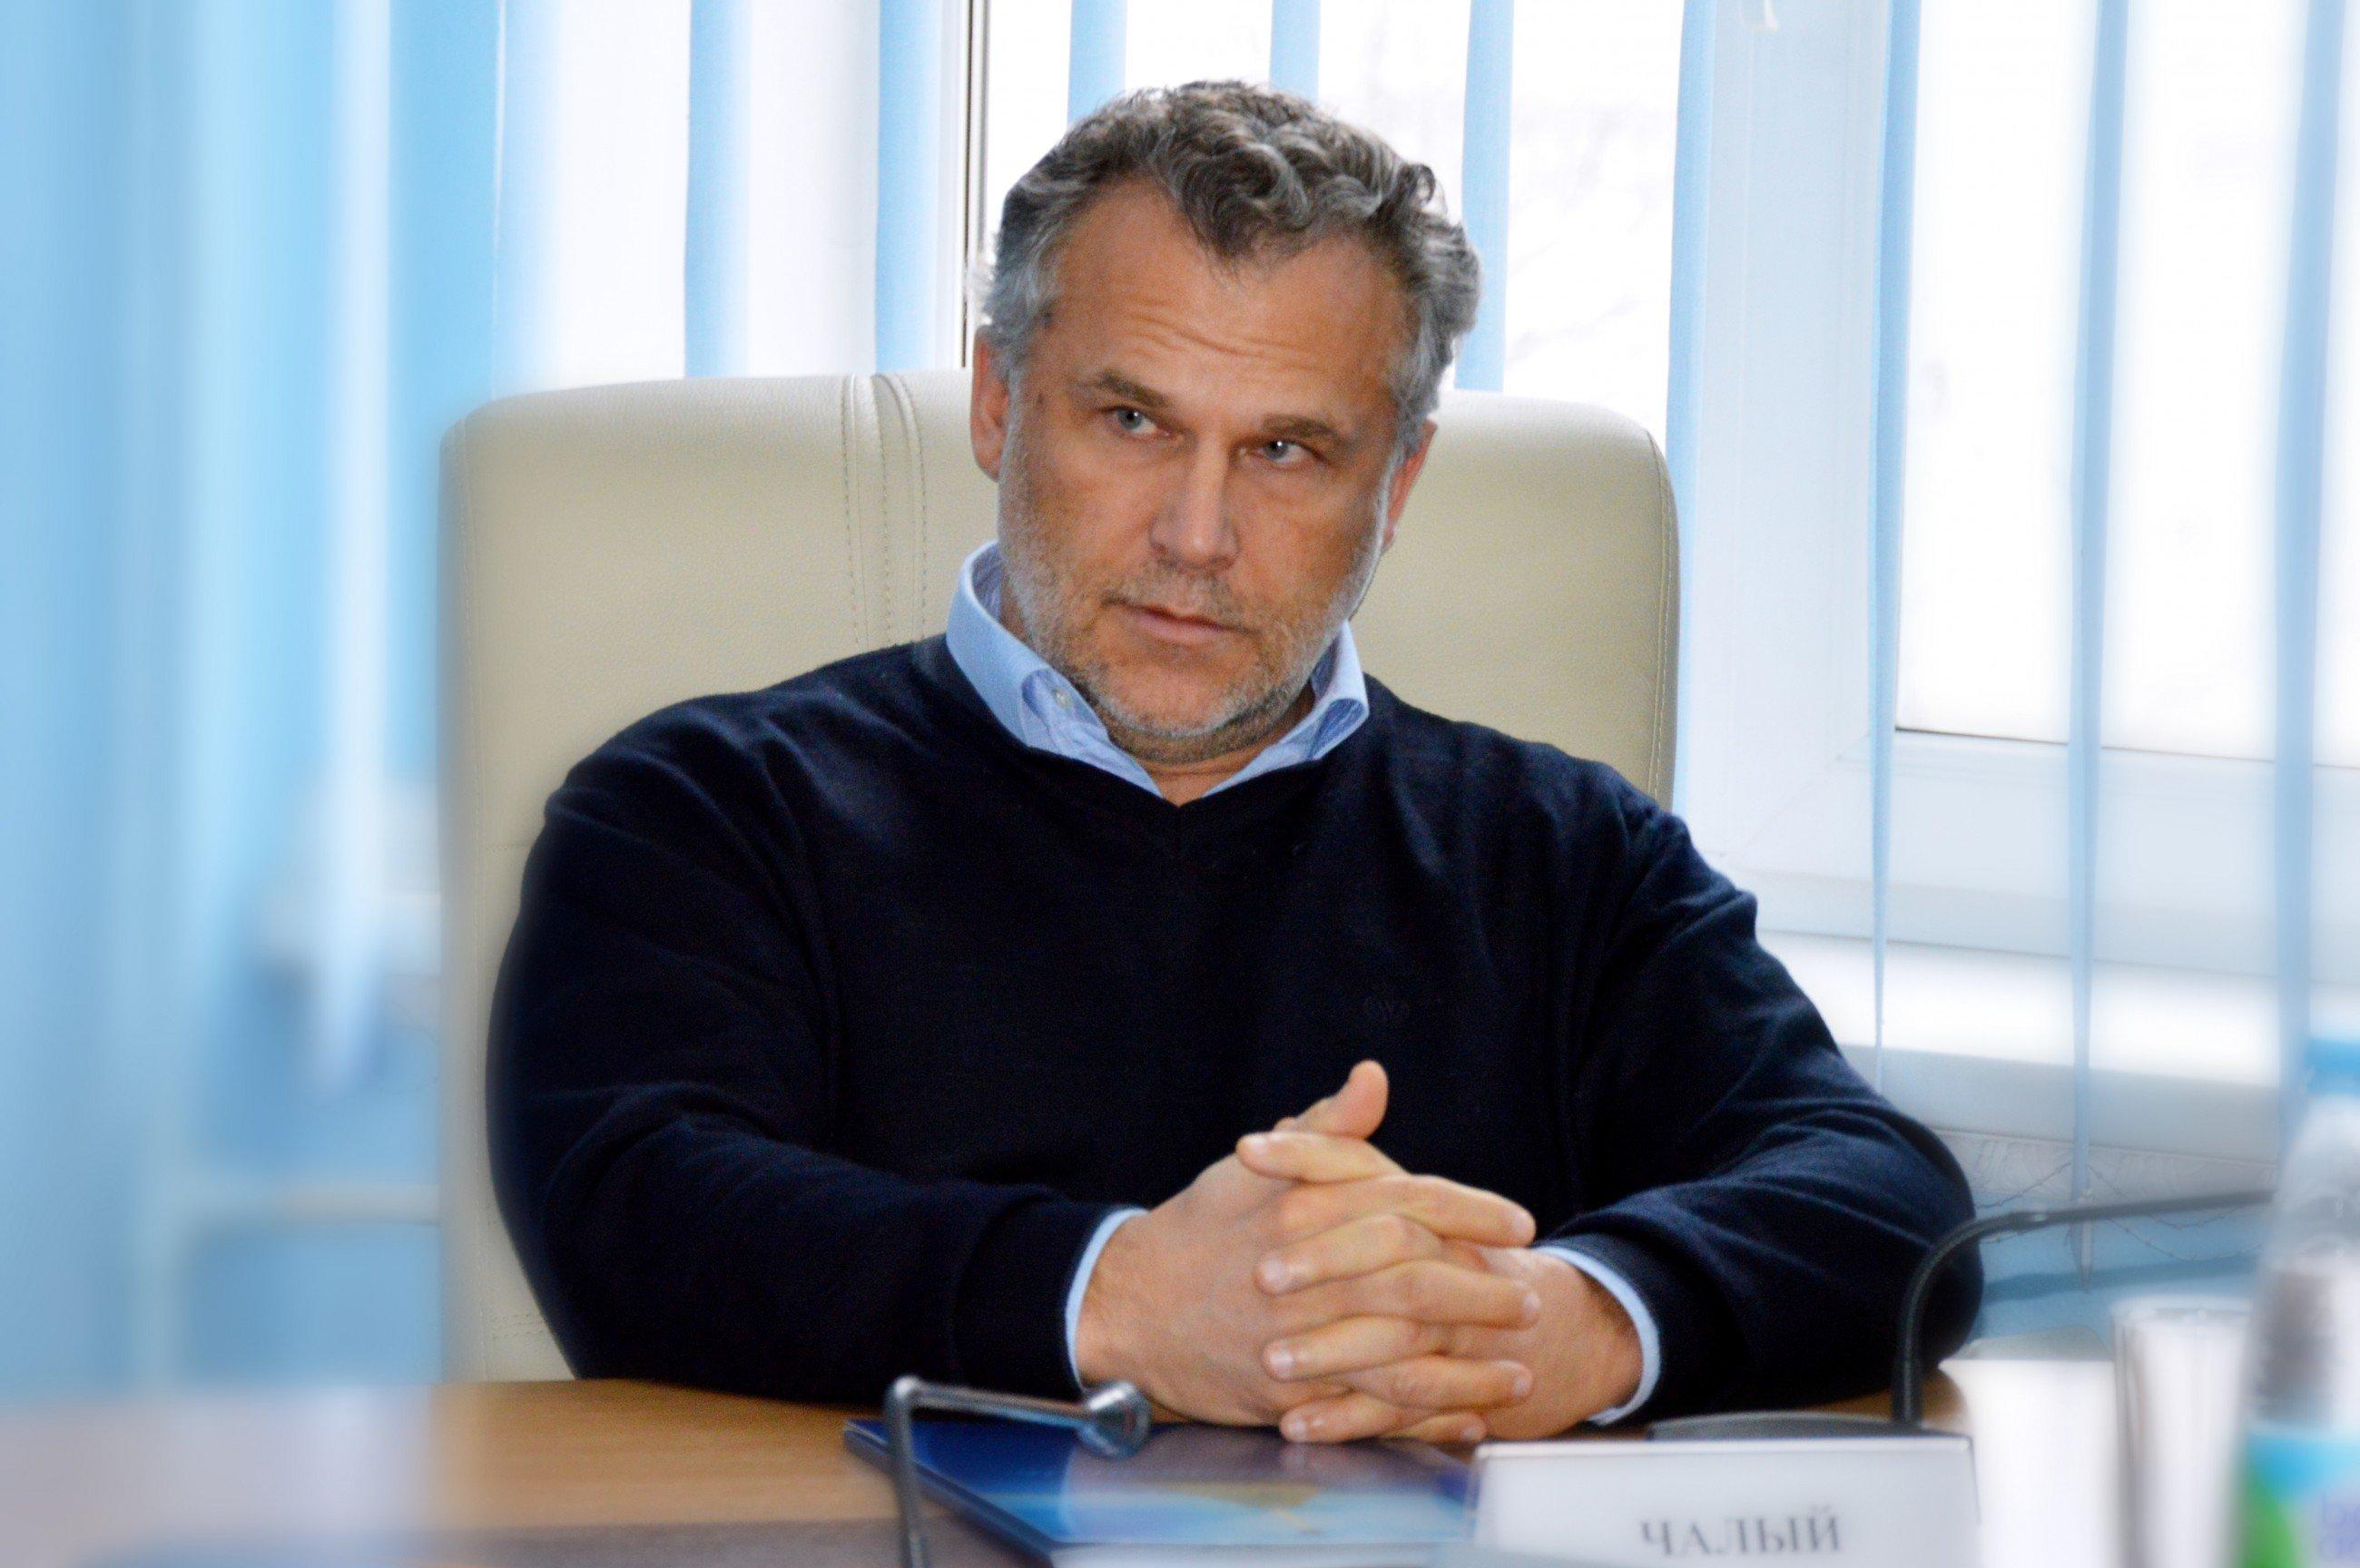 ВСевастополе может пройти референдум опрямых выборах губернатора